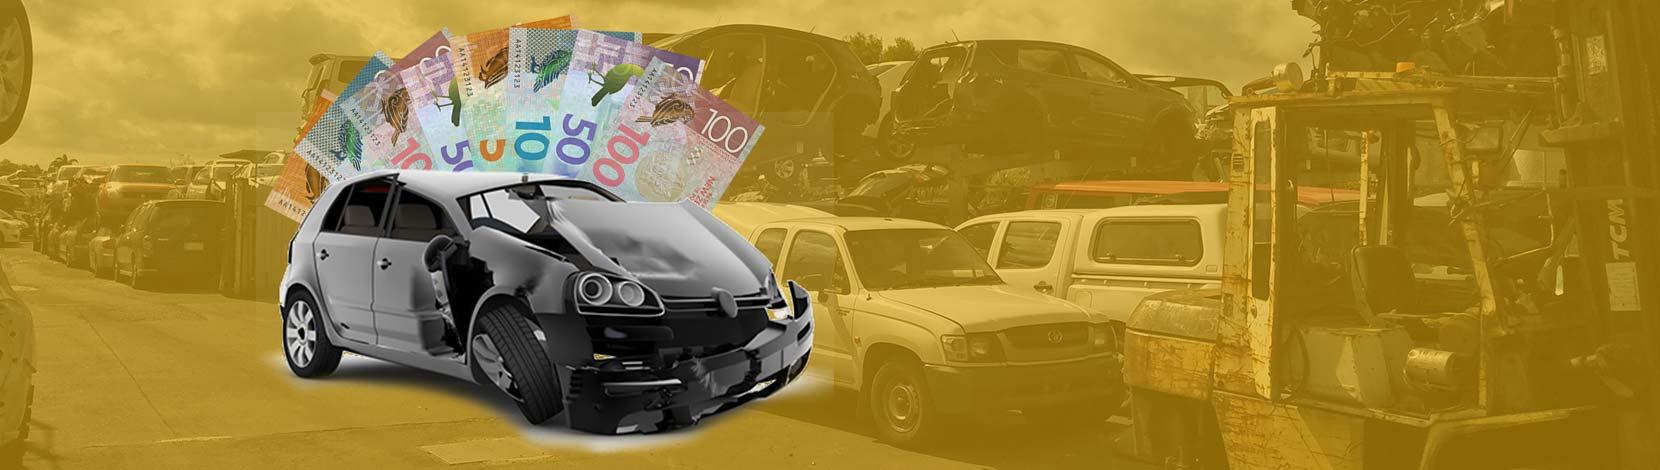 cash-for-cars-bg-image